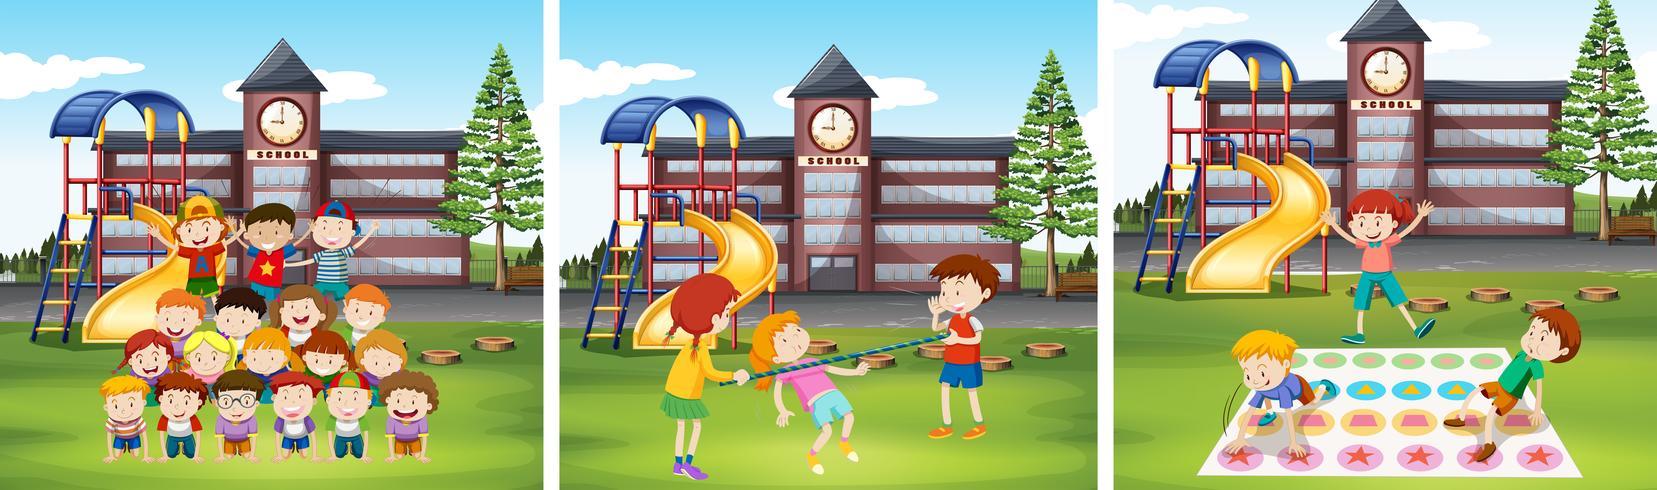 Kinder spielen auf dem Schulgelände vektor